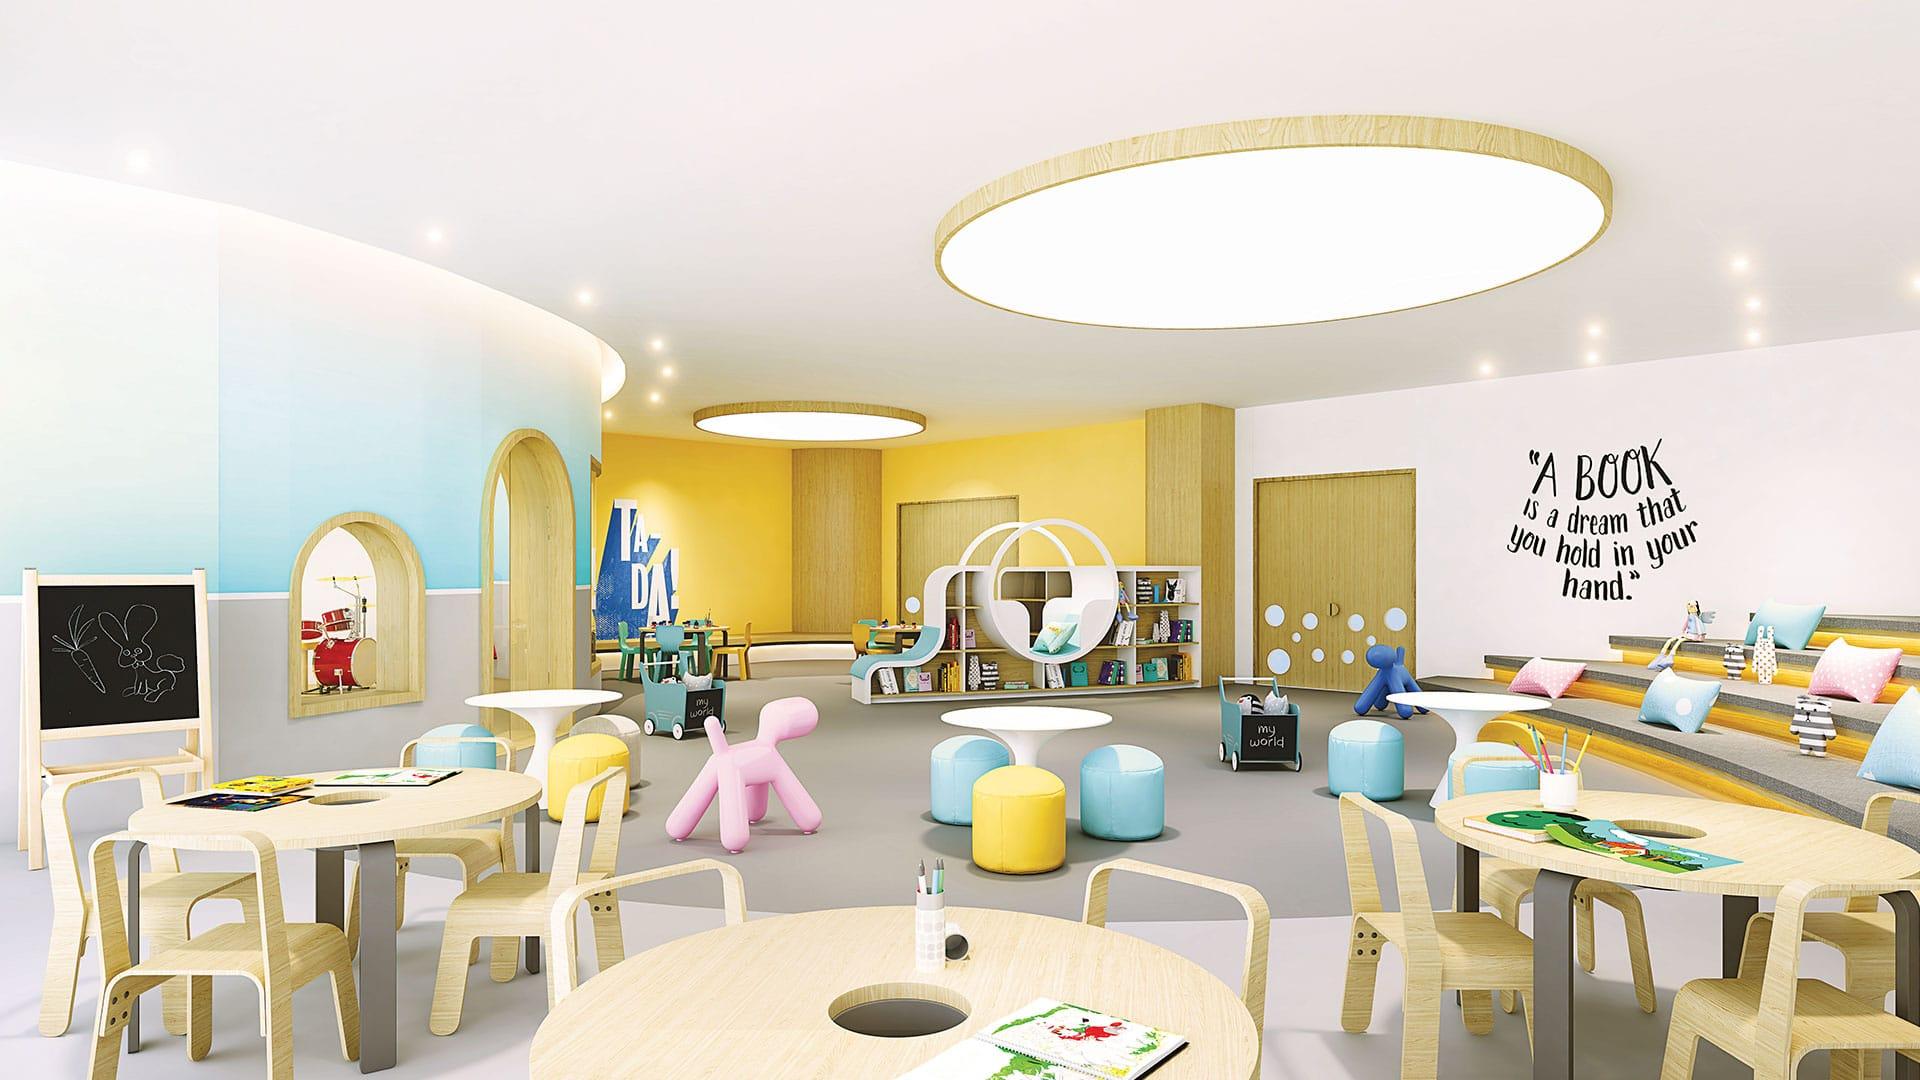 Phòng trẻ em với màu sắc sinh động, vật liệu thân thiện với trẻ em